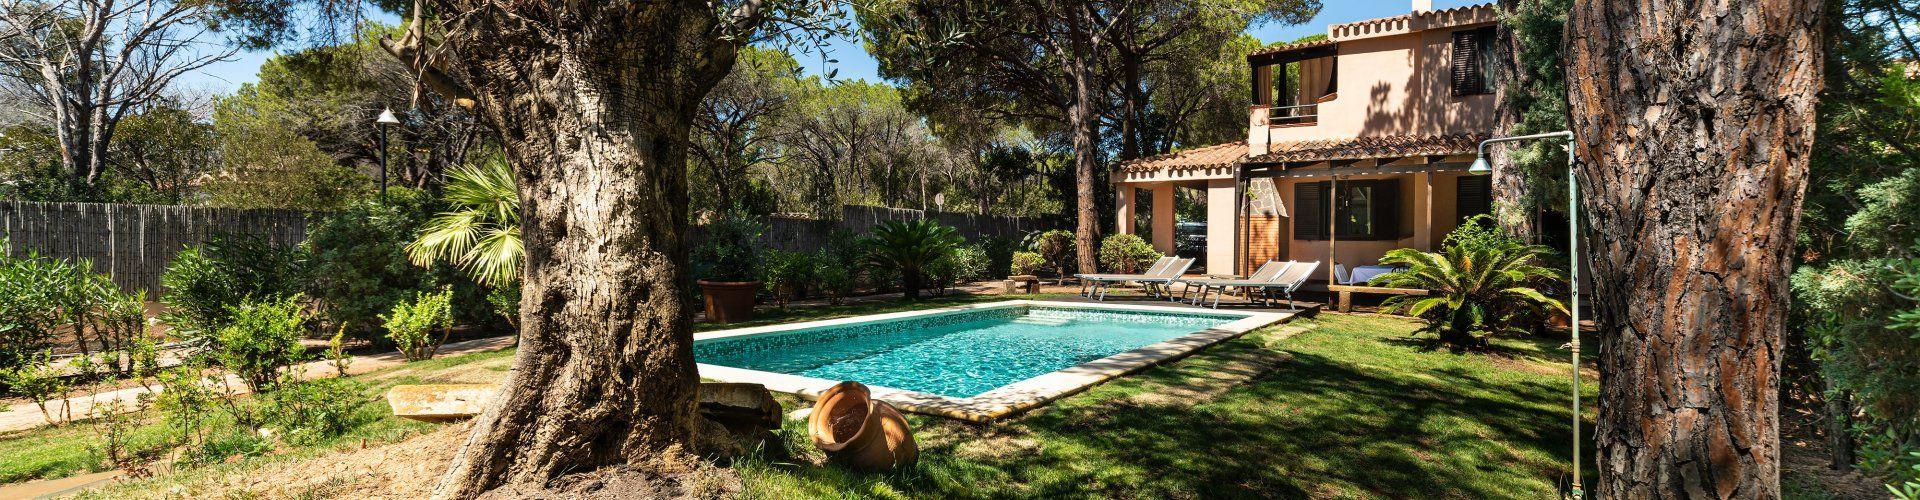 Haus mit privatem Pool und mediterranem Garten